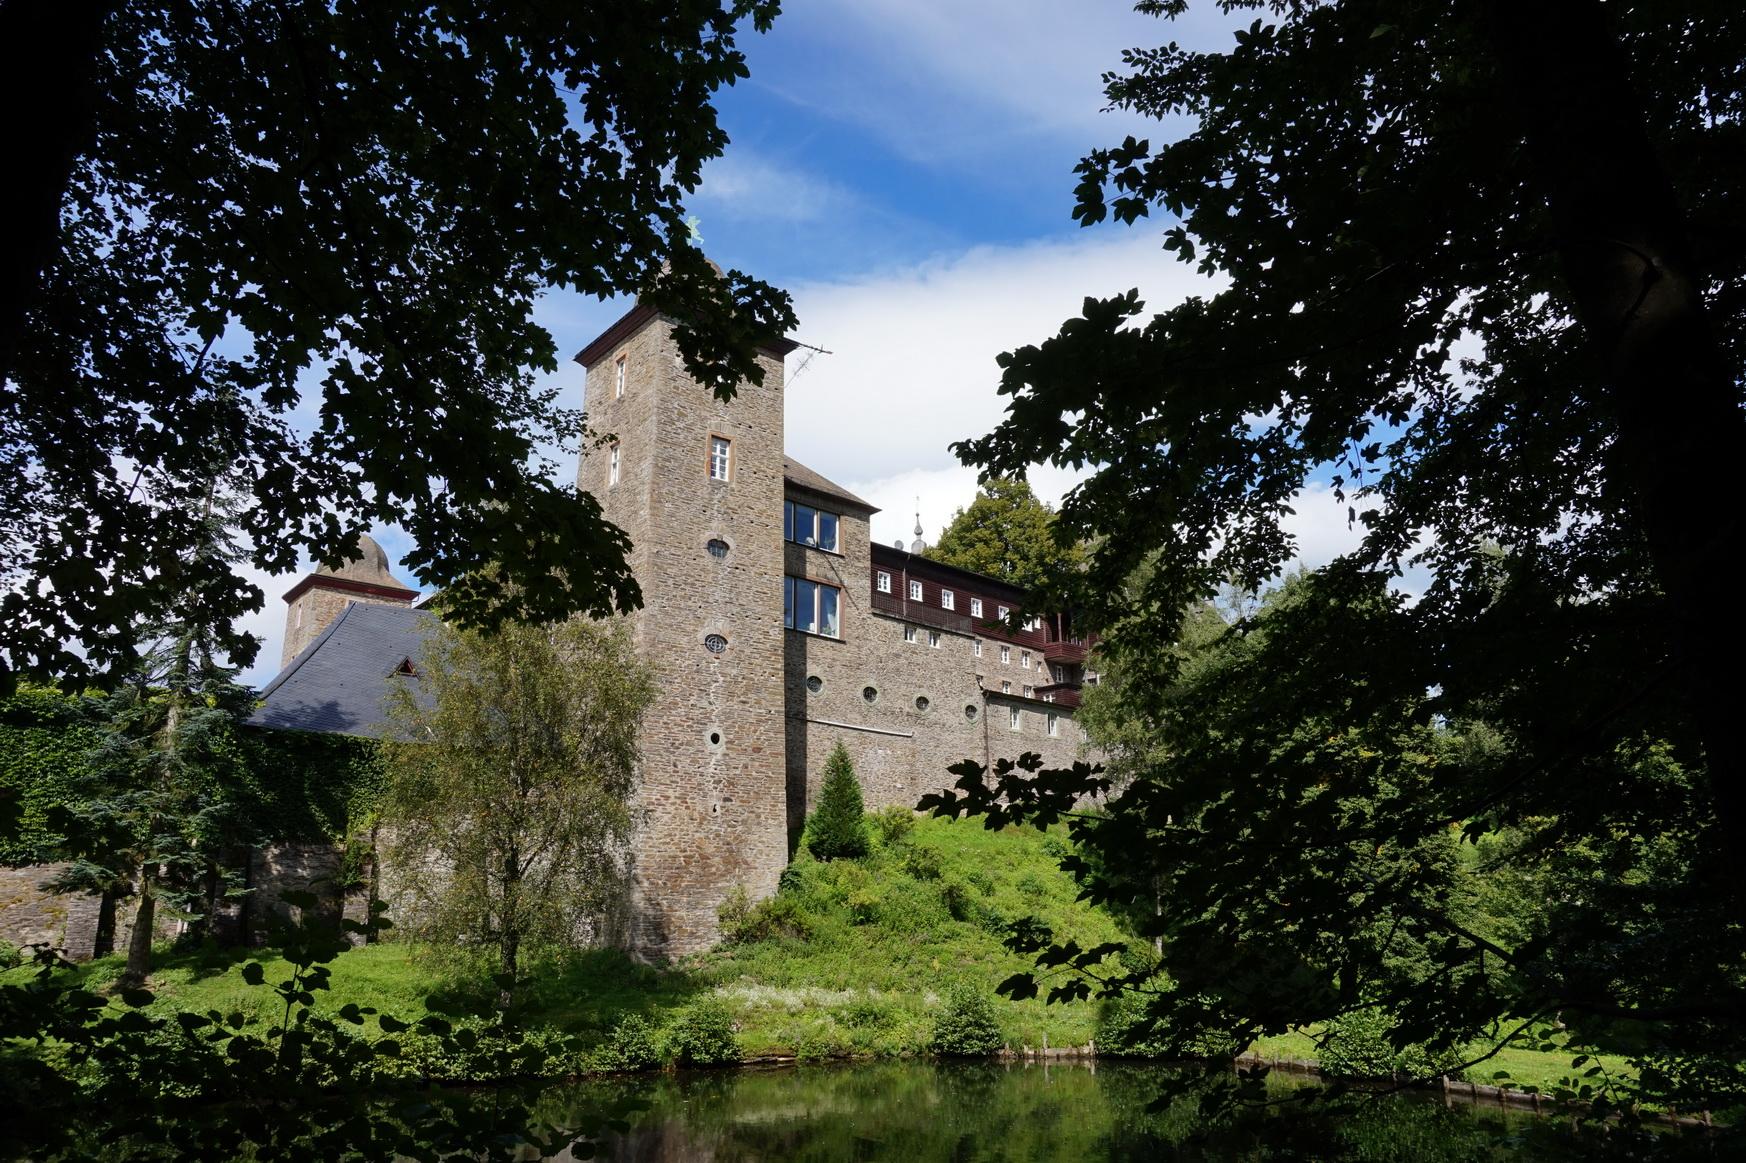 Burg Schnellenberg Attendorn Wandern 5